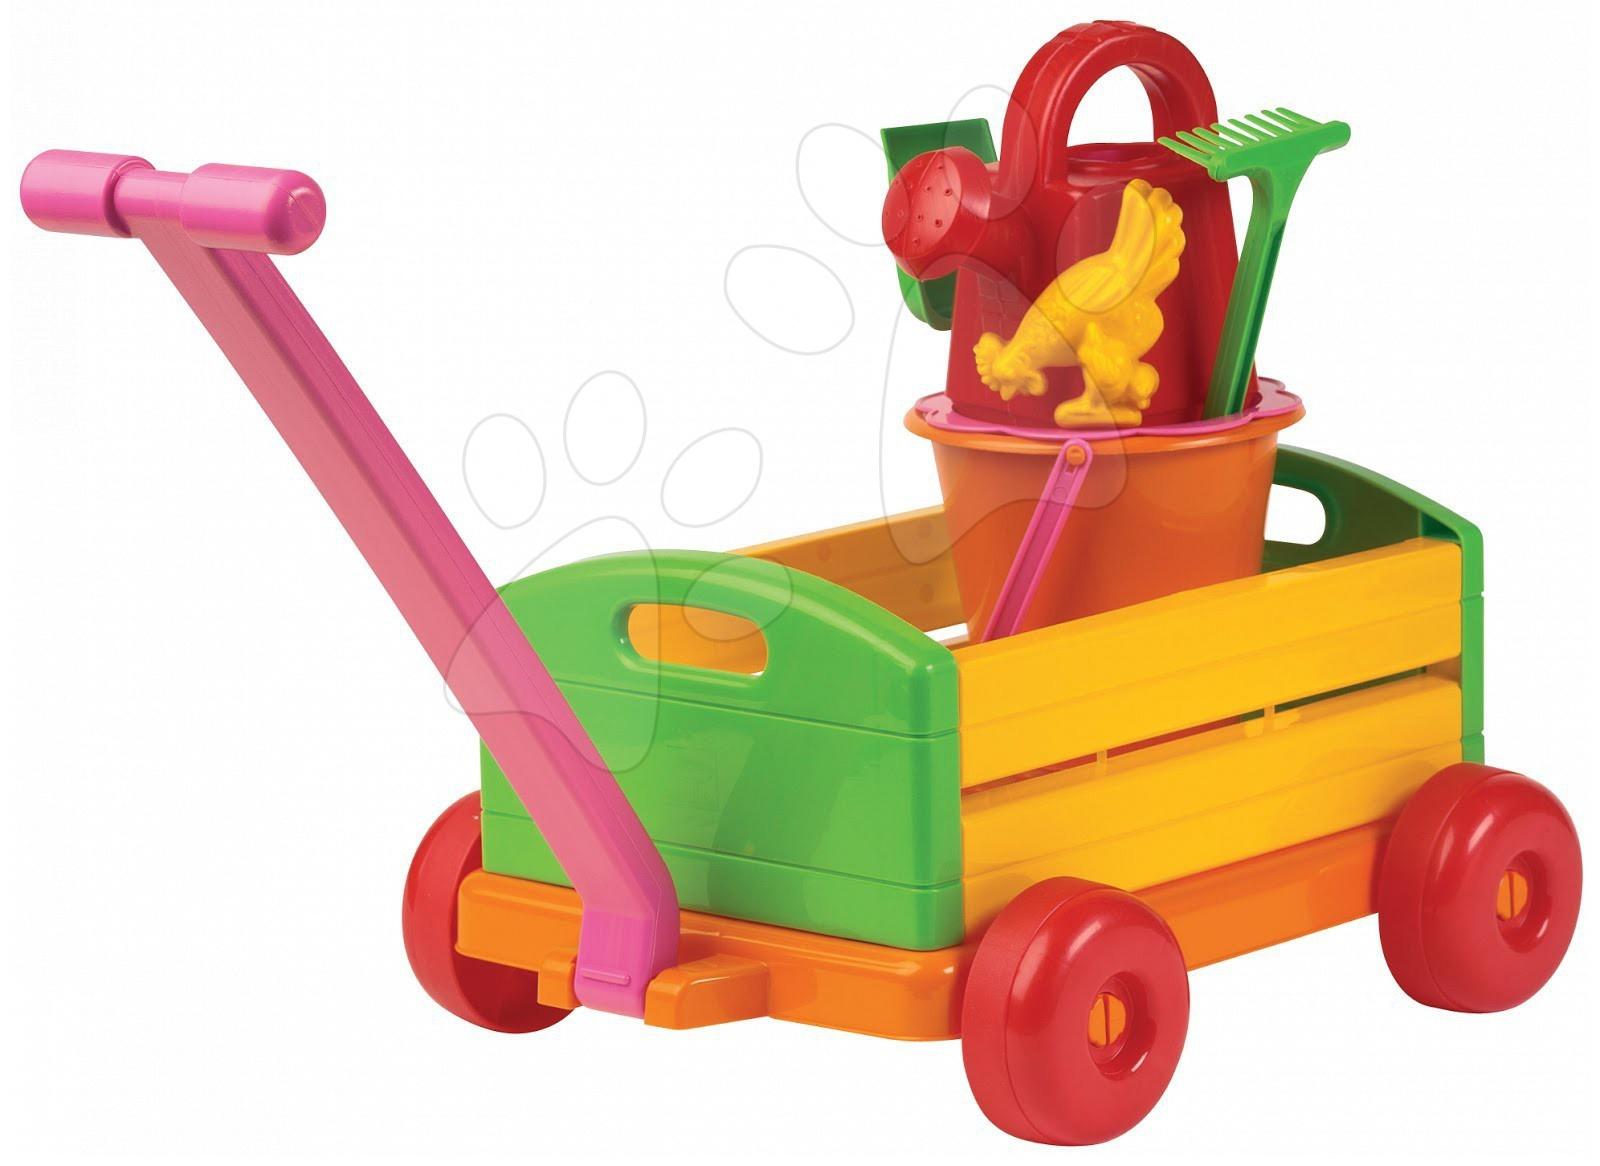 Vozík na tažení Écoiffier s kbelík setem s konví 6 dílů od 18 měsíců